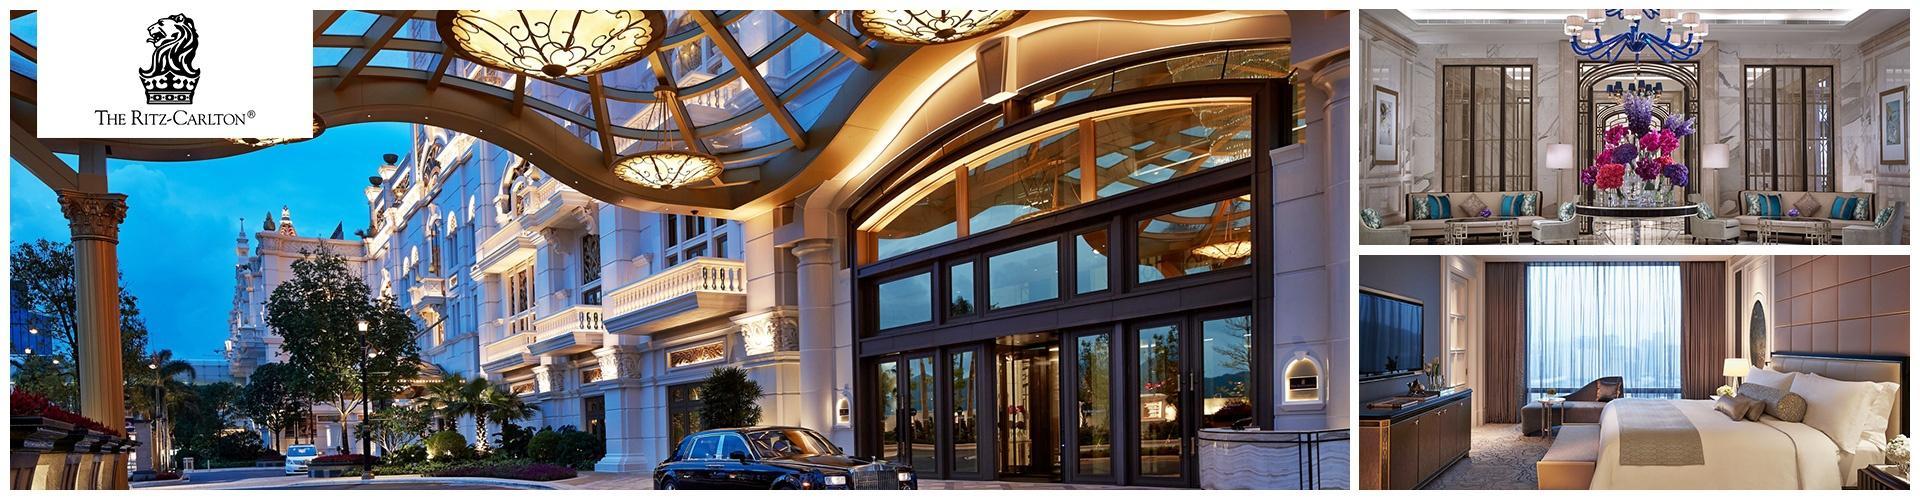 澳門麗思卡爾頓酒店套票-The-Ritz Carlton Macau Package